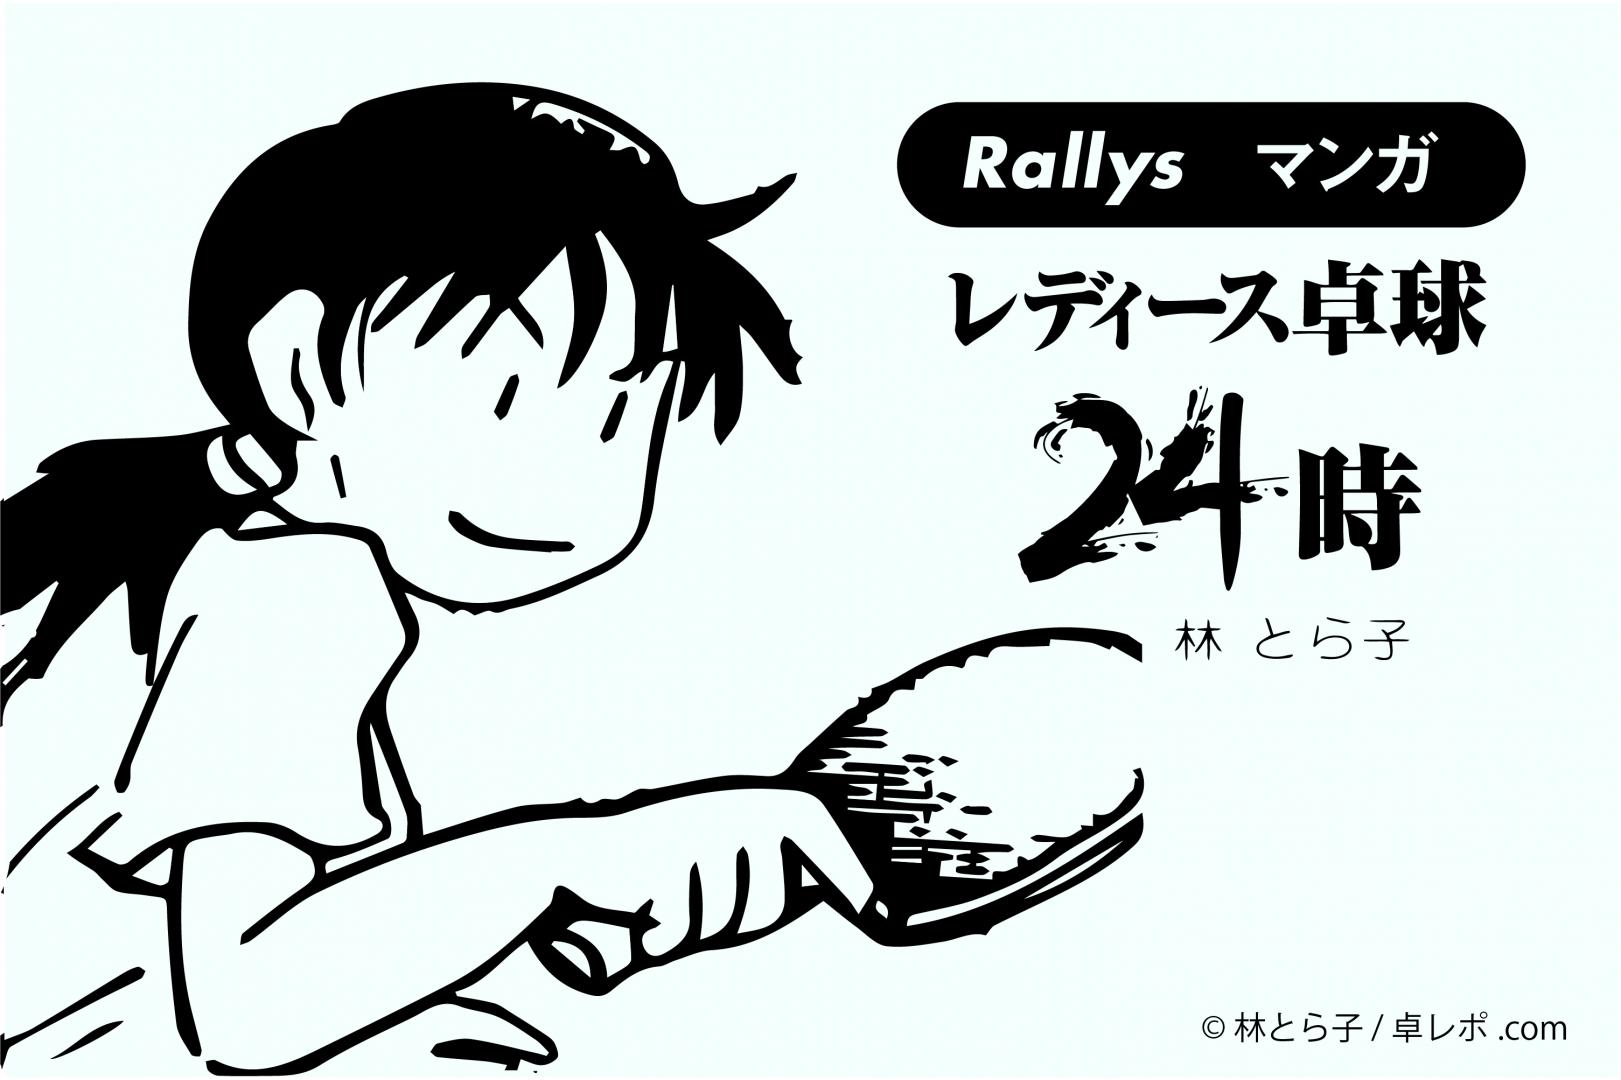 ちゃんとやろうよ【卓球4コマ漫画・レディース卓球24時】